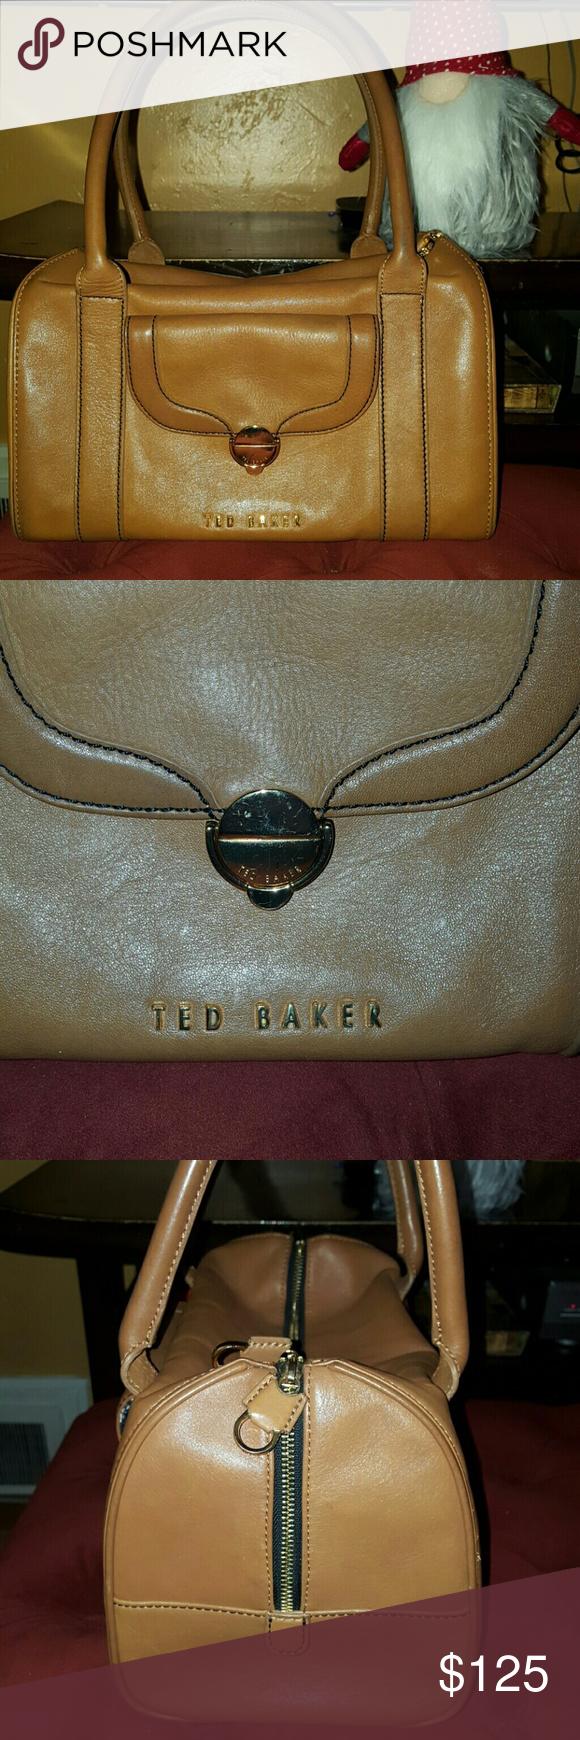 Flash Sale Ted Baker Leather Handbag Satchel Classic Leather Handbag Leather Handbags Ted Baker Bag